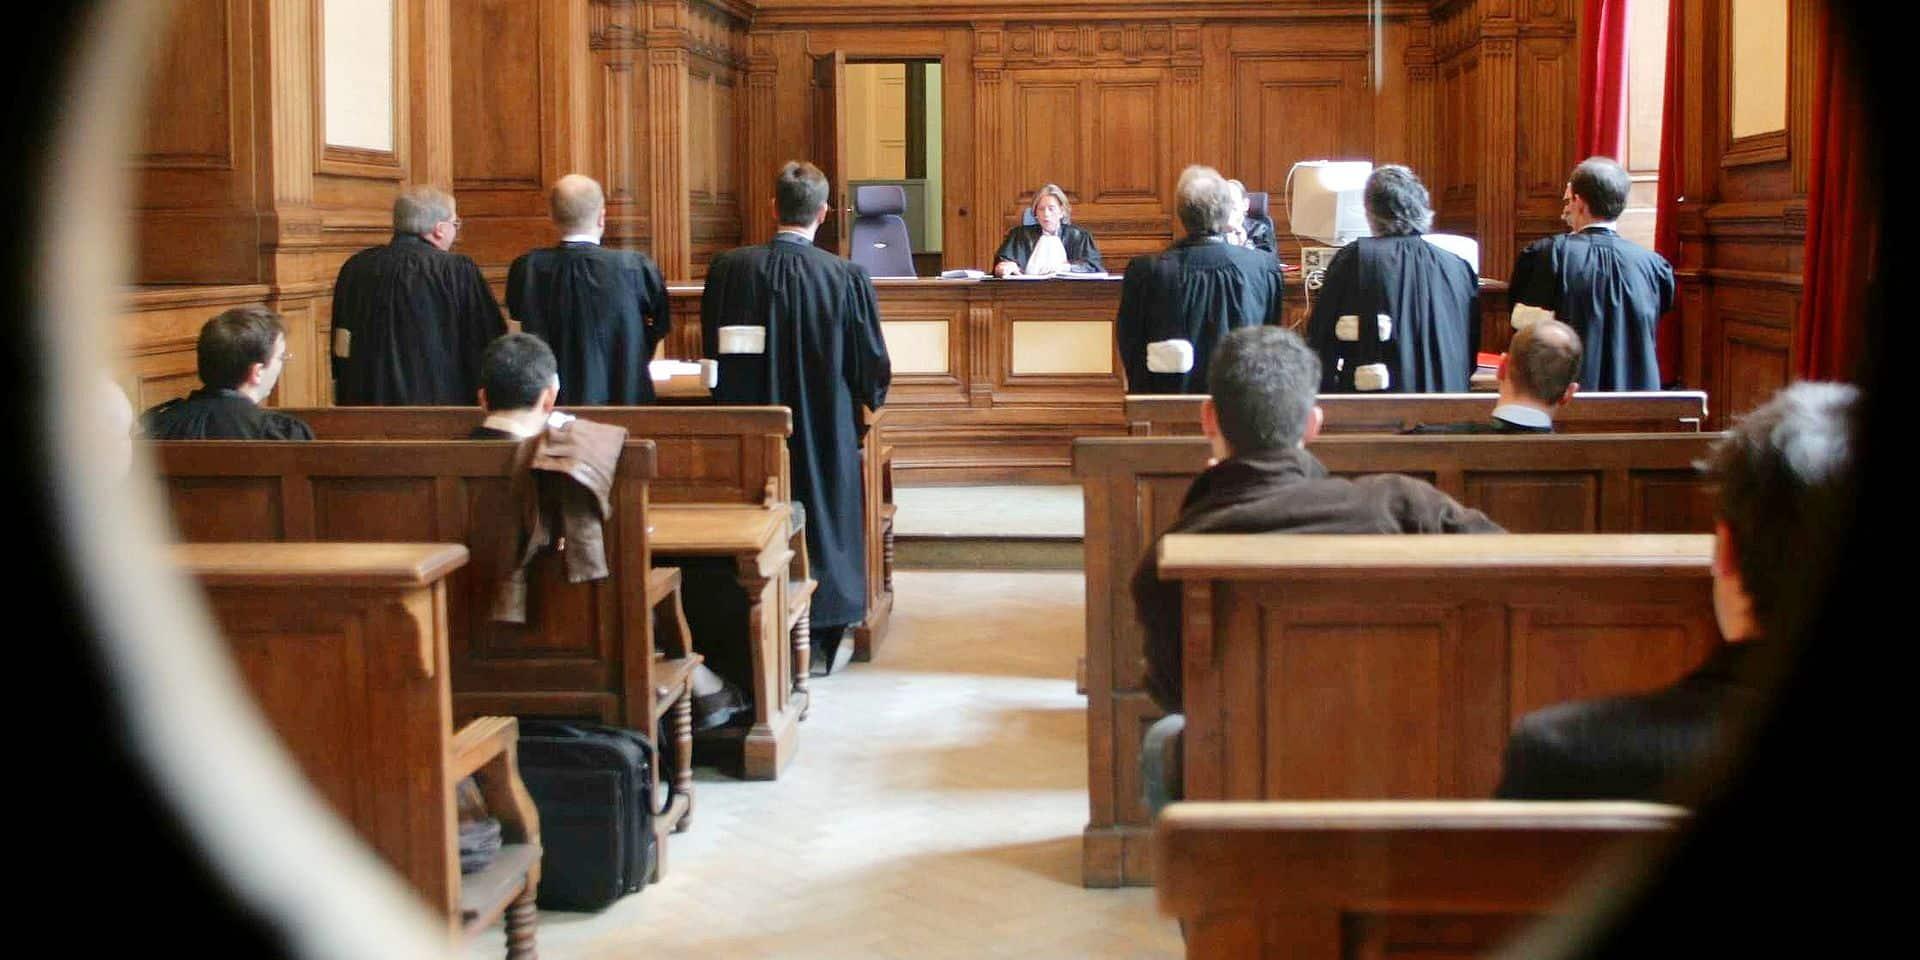 Quatre et cinq ans de prison pour une tentative de meurtre à Mons